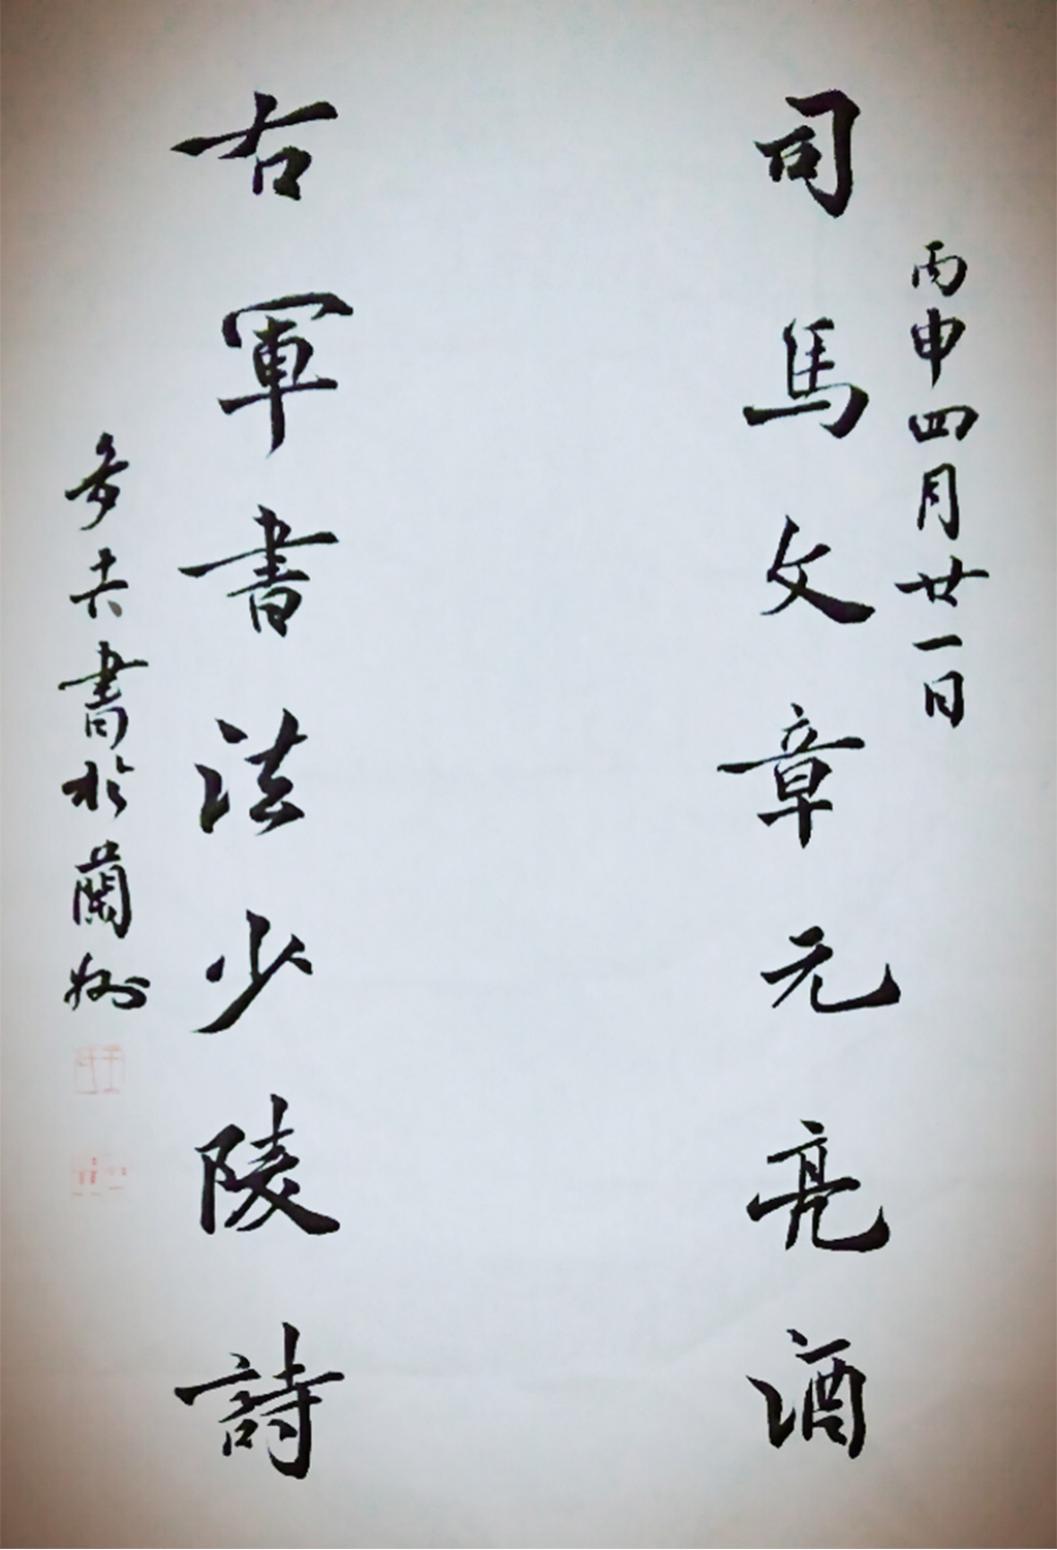 王多吉书法作品《【司马右军】作者王多吉》【图0】